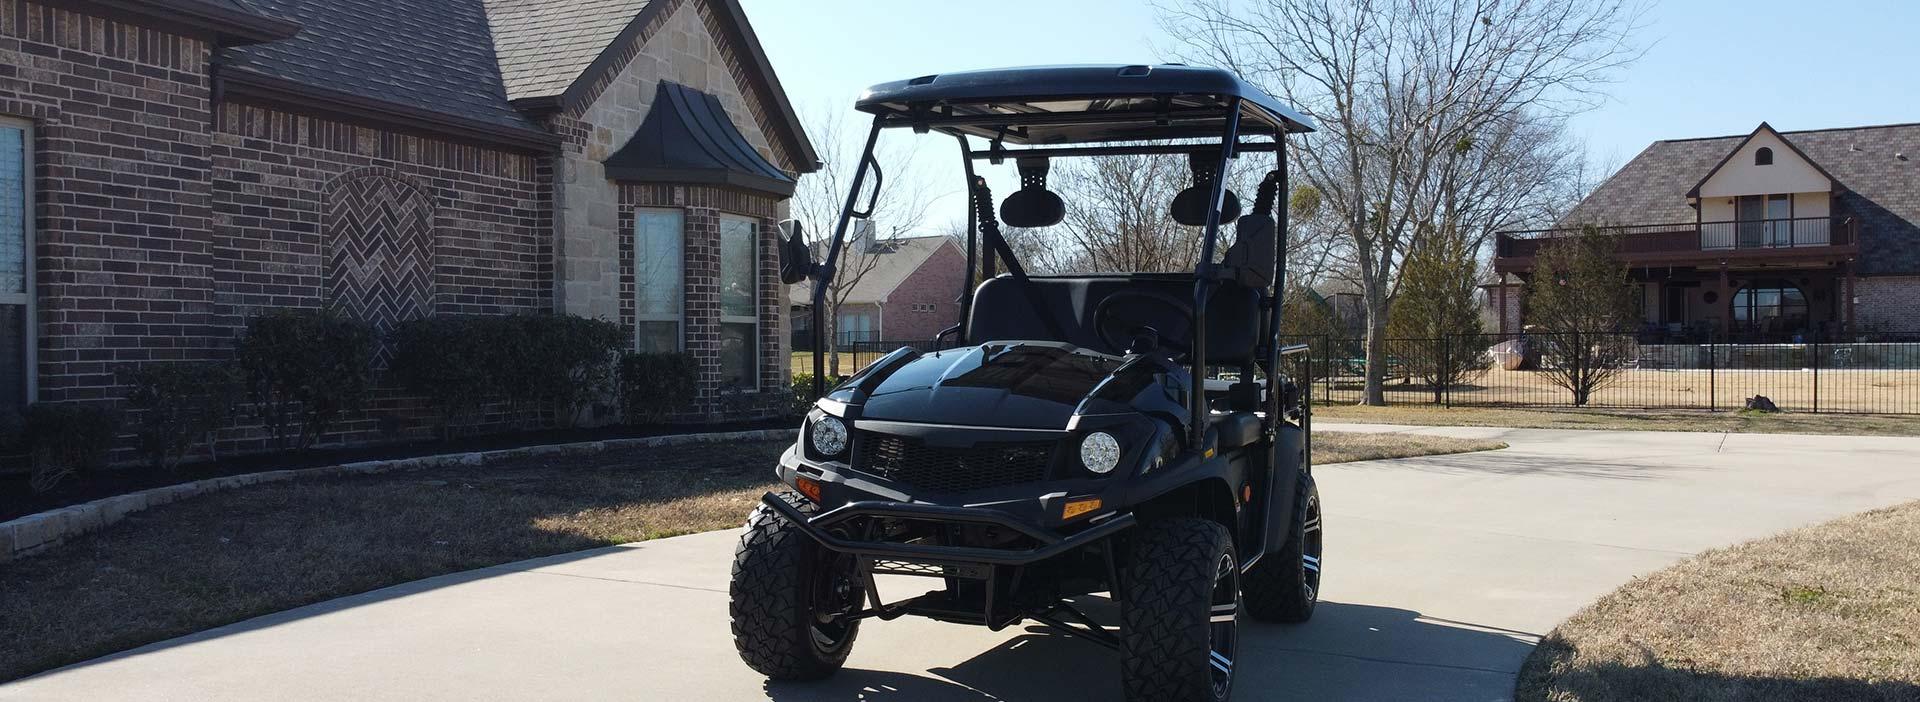 Golf Cart Website Design